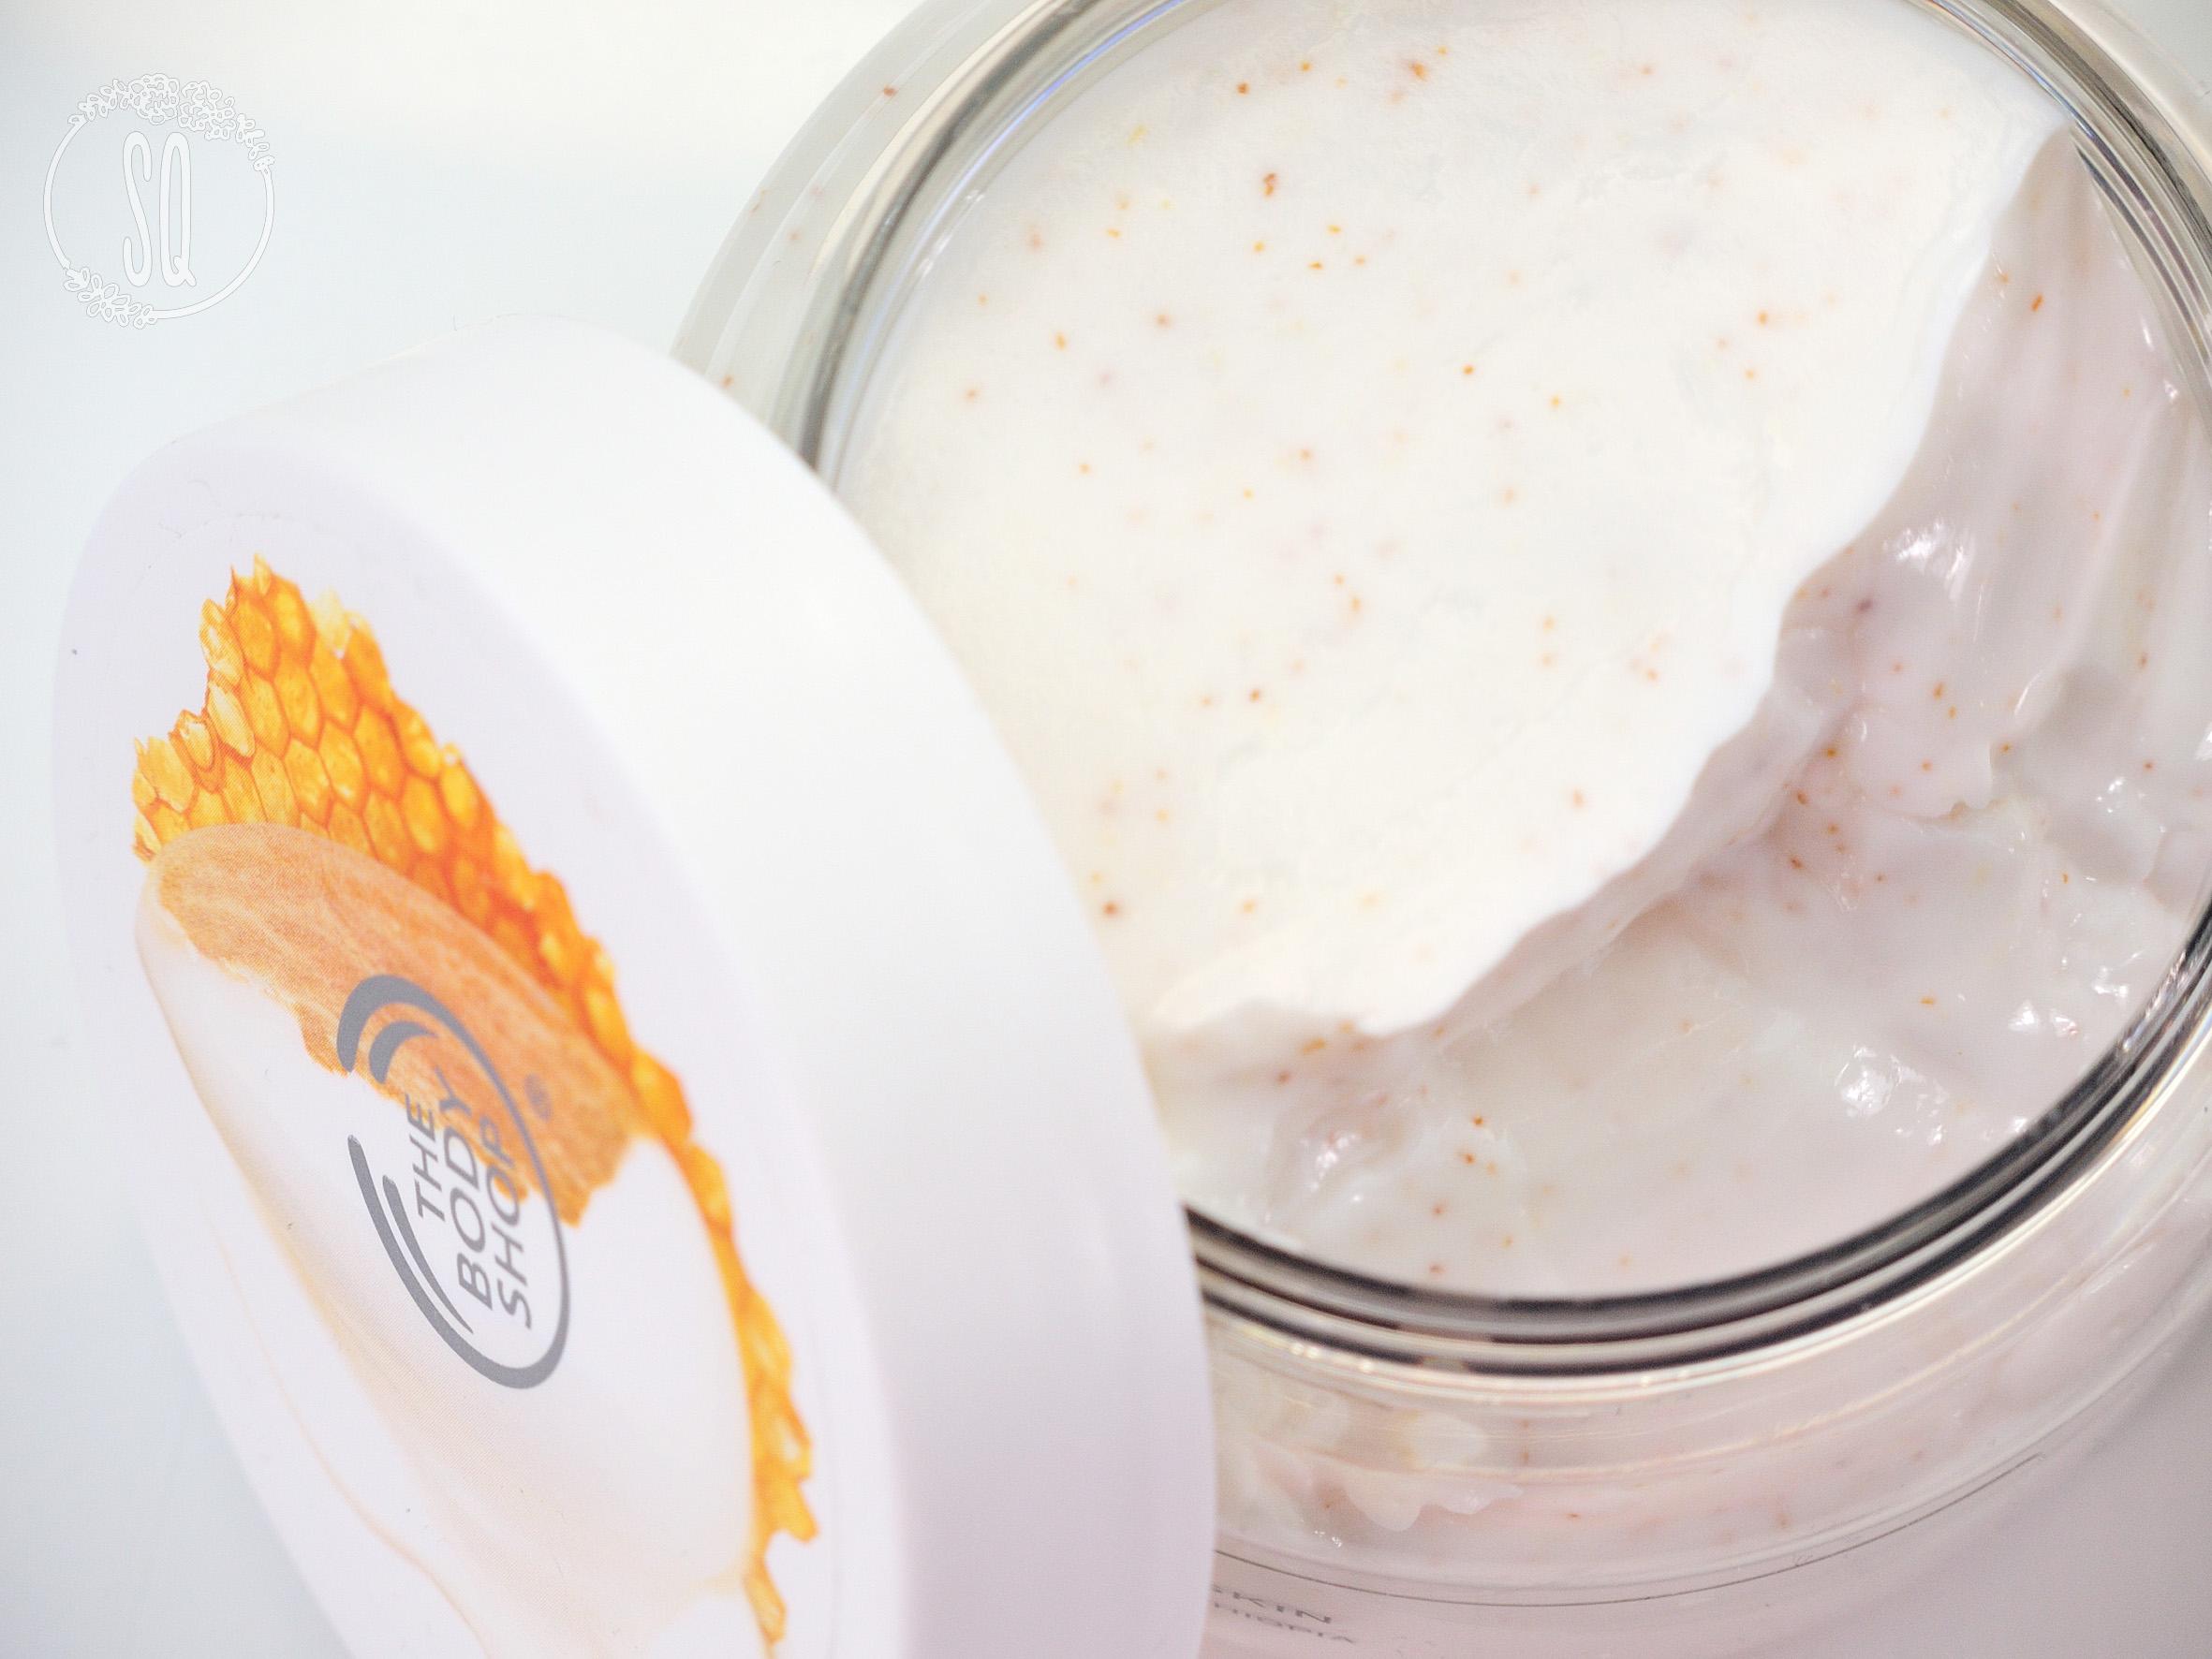 Nueva línea de cuidado corporal de leche de almendras y miel de The Body Shop